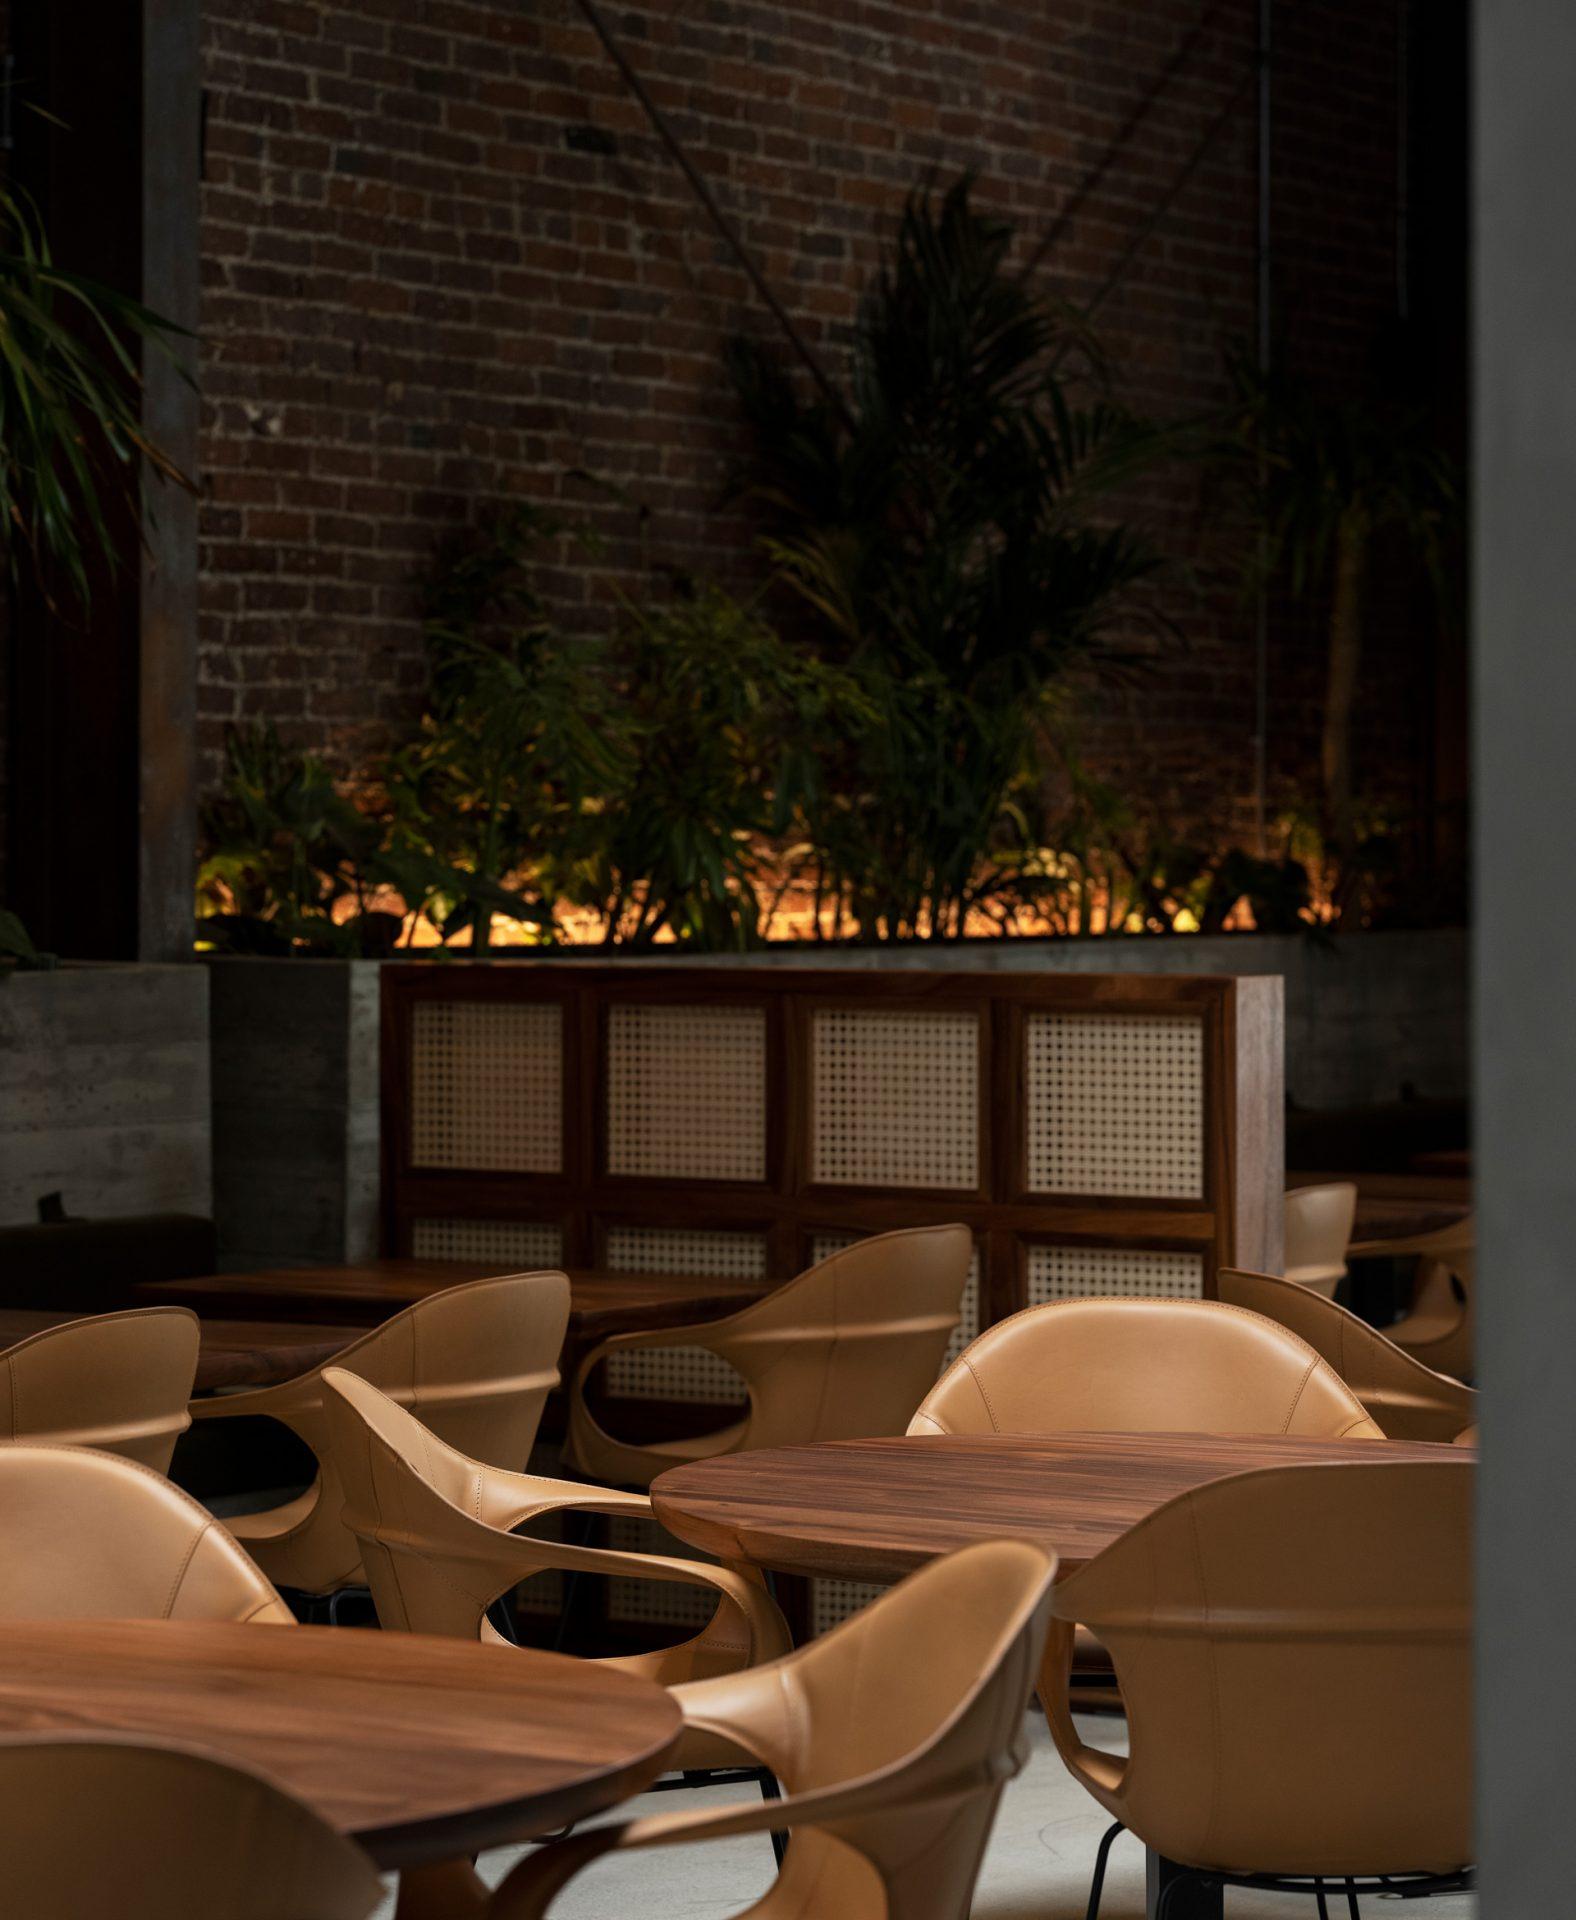 Así es Damian, el nuevo restaurante de Enrique Olvera - Food and Travel  México